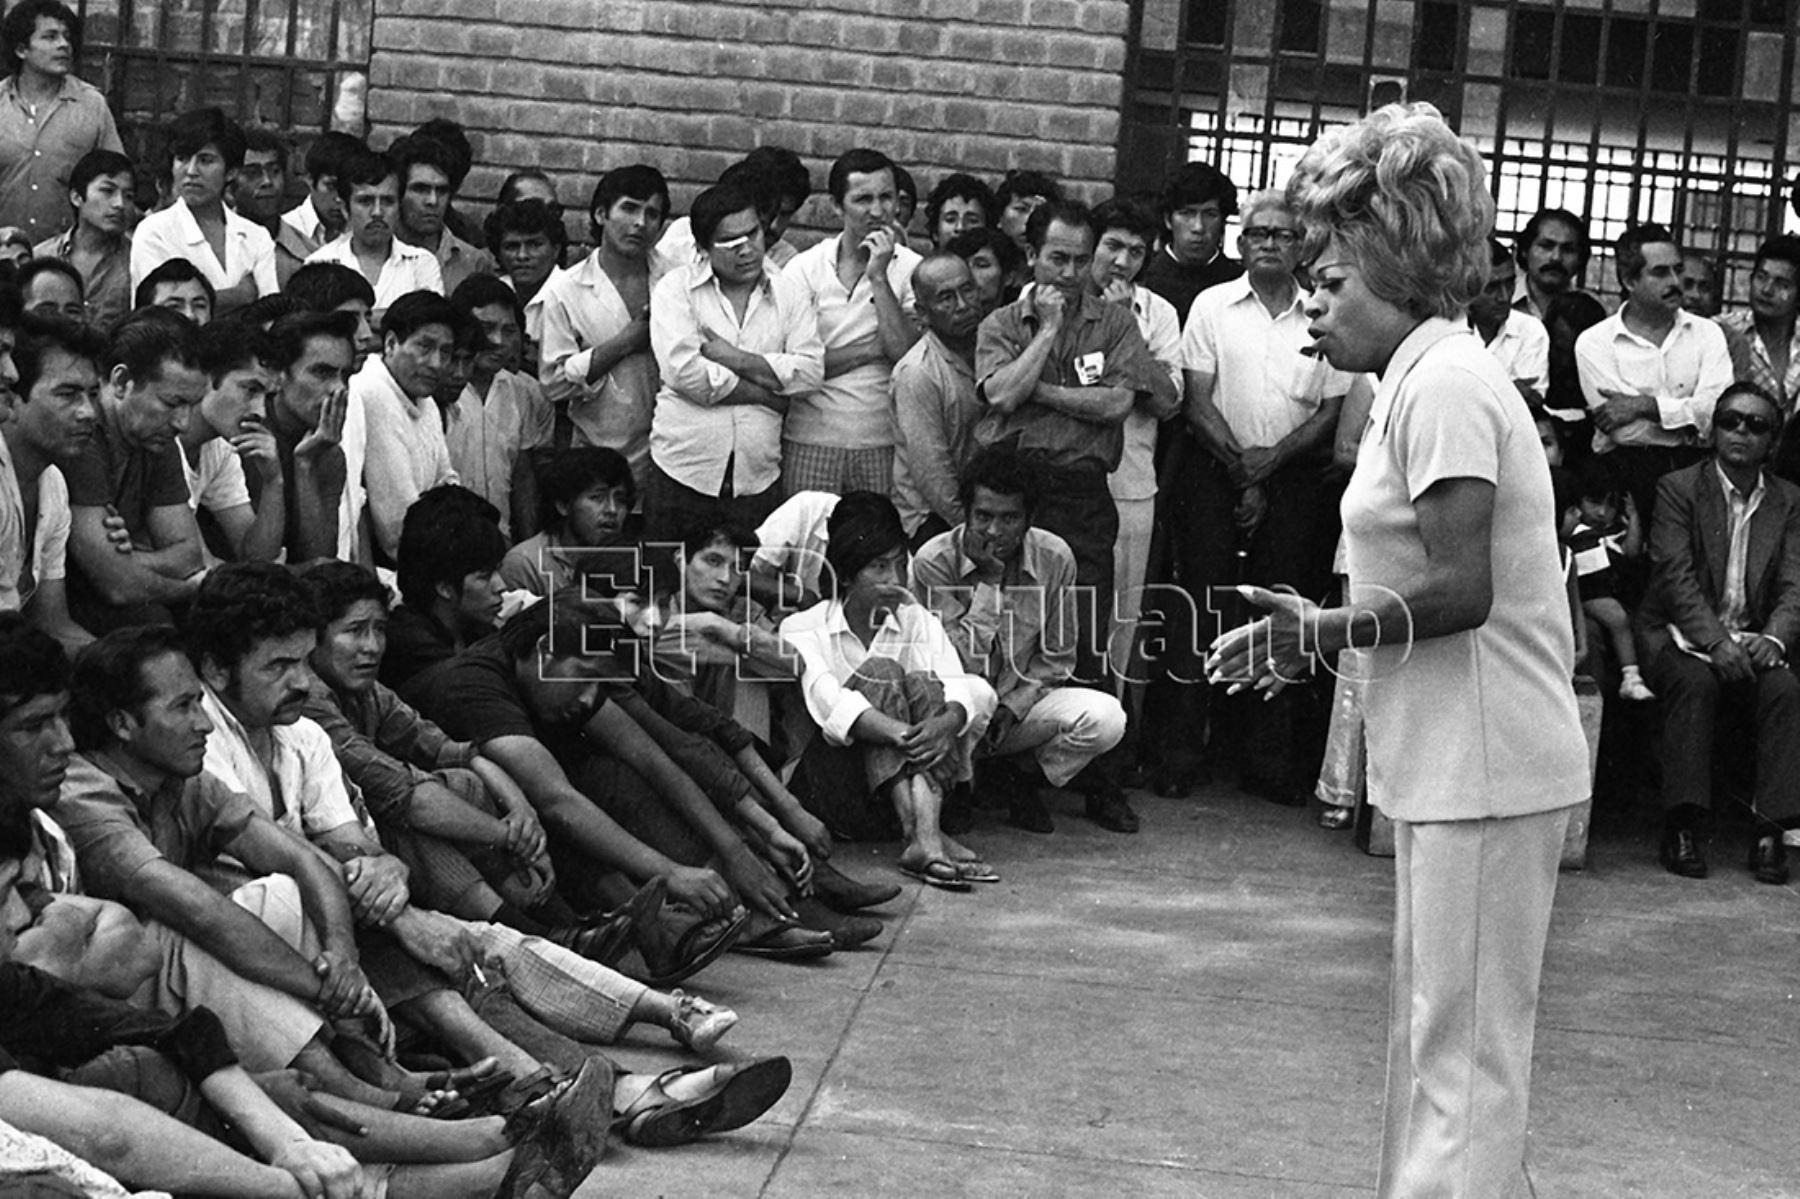 Lucha Reyes participó en la Caravana Artística, organizada por el diario La Crónica, y se presentó en el Centro de Inculpados de Lurigancho, en un desfile artístico que duró más de cuatro horas (1973). Foto: Archivo Histórico de El Peruano.